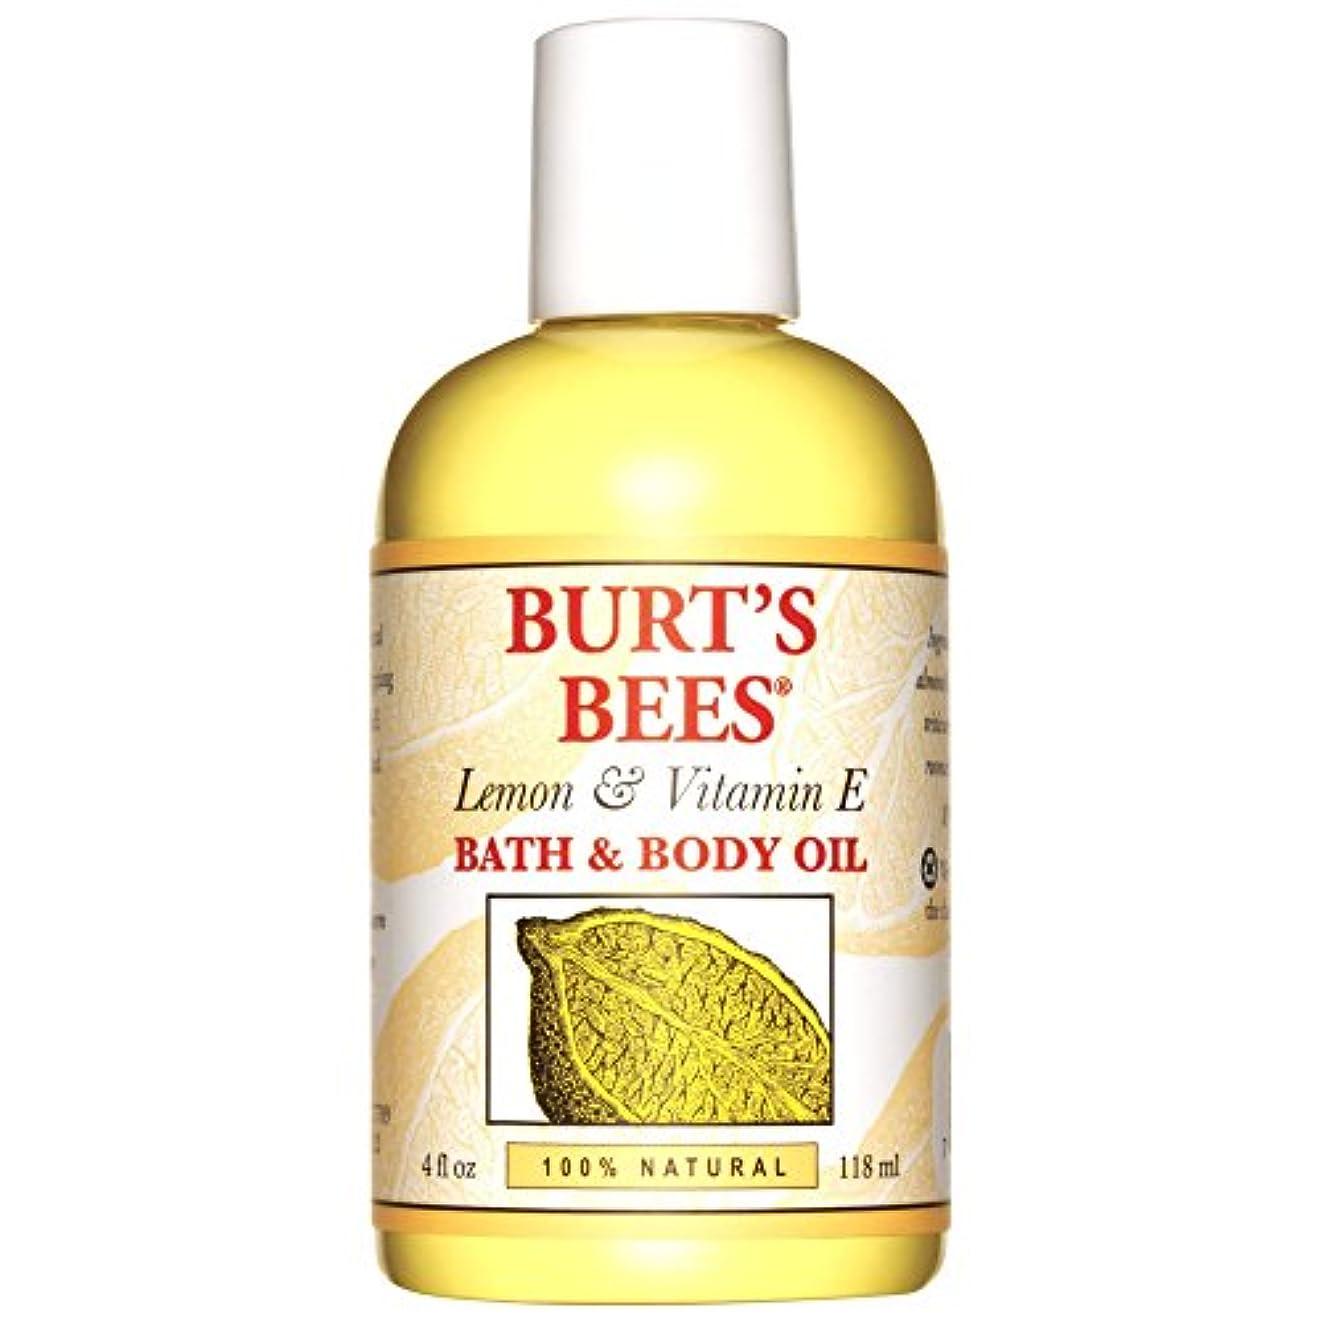 仕事悔い改めるモニターバーツビーレモンとビタミンEバス、ボディオイル118ミリリットル (Burt's Bees) - Burt's Bees Lemon and Vitamin E Bath and Body Oil 118ml [並行輸入品]